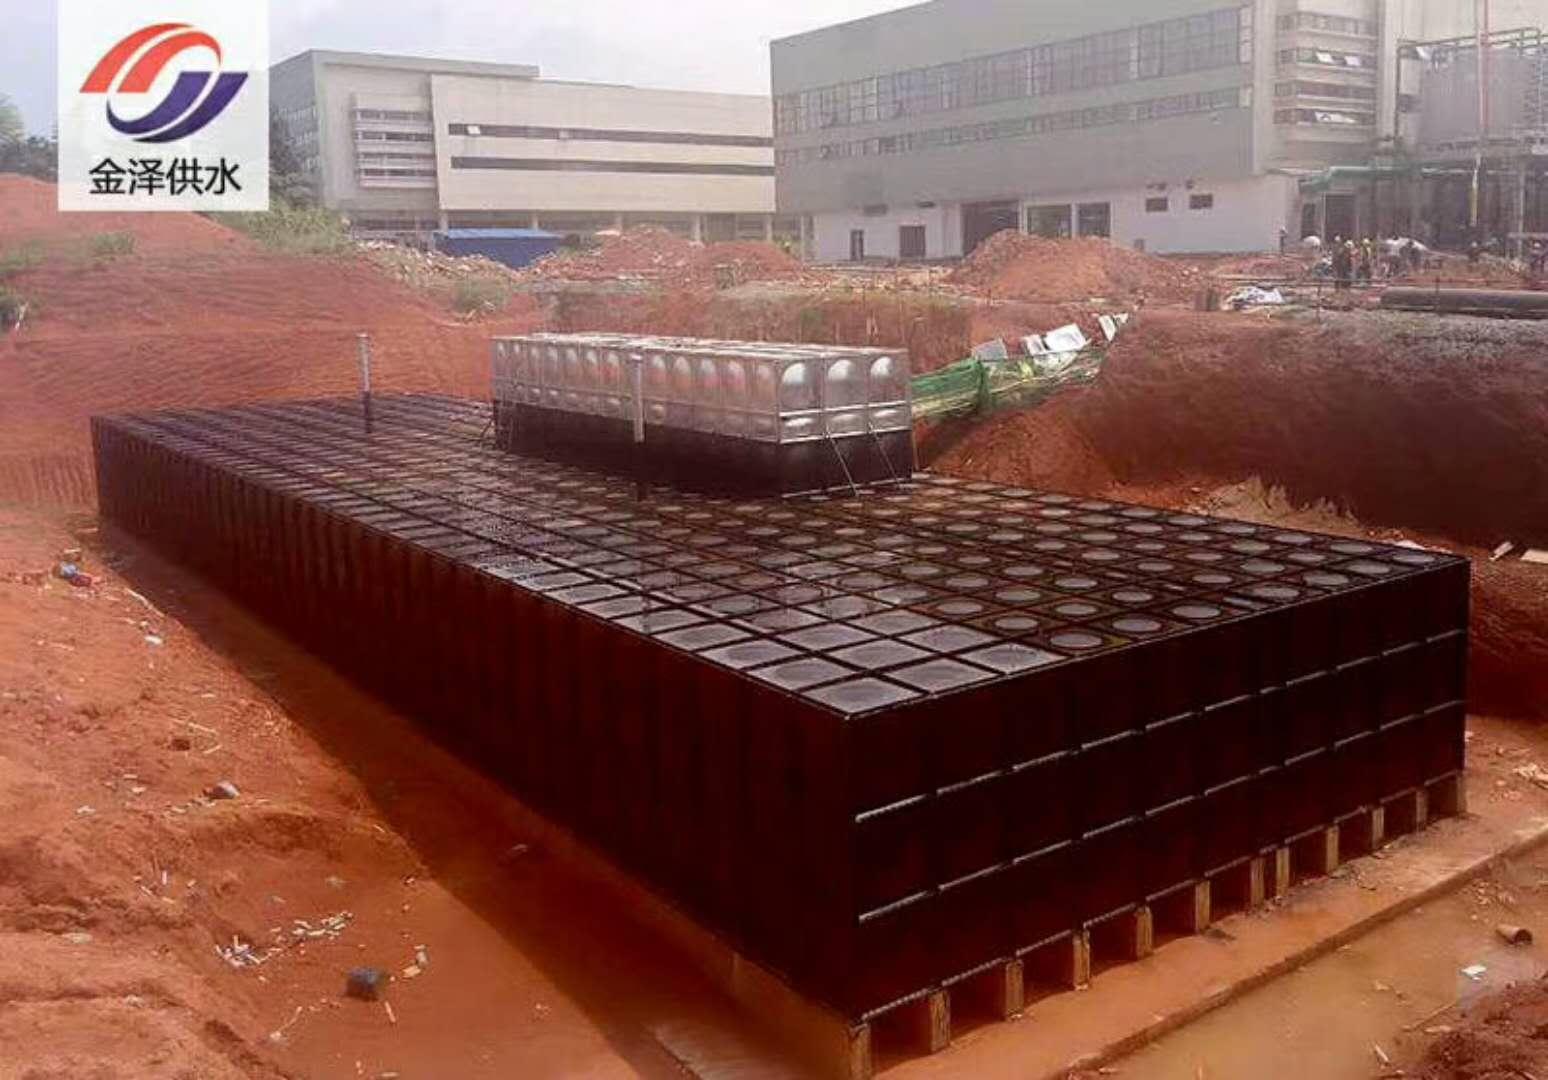 淮安地埋式箱泵一体化28x16x3=1344立方顺利发货已进场施工